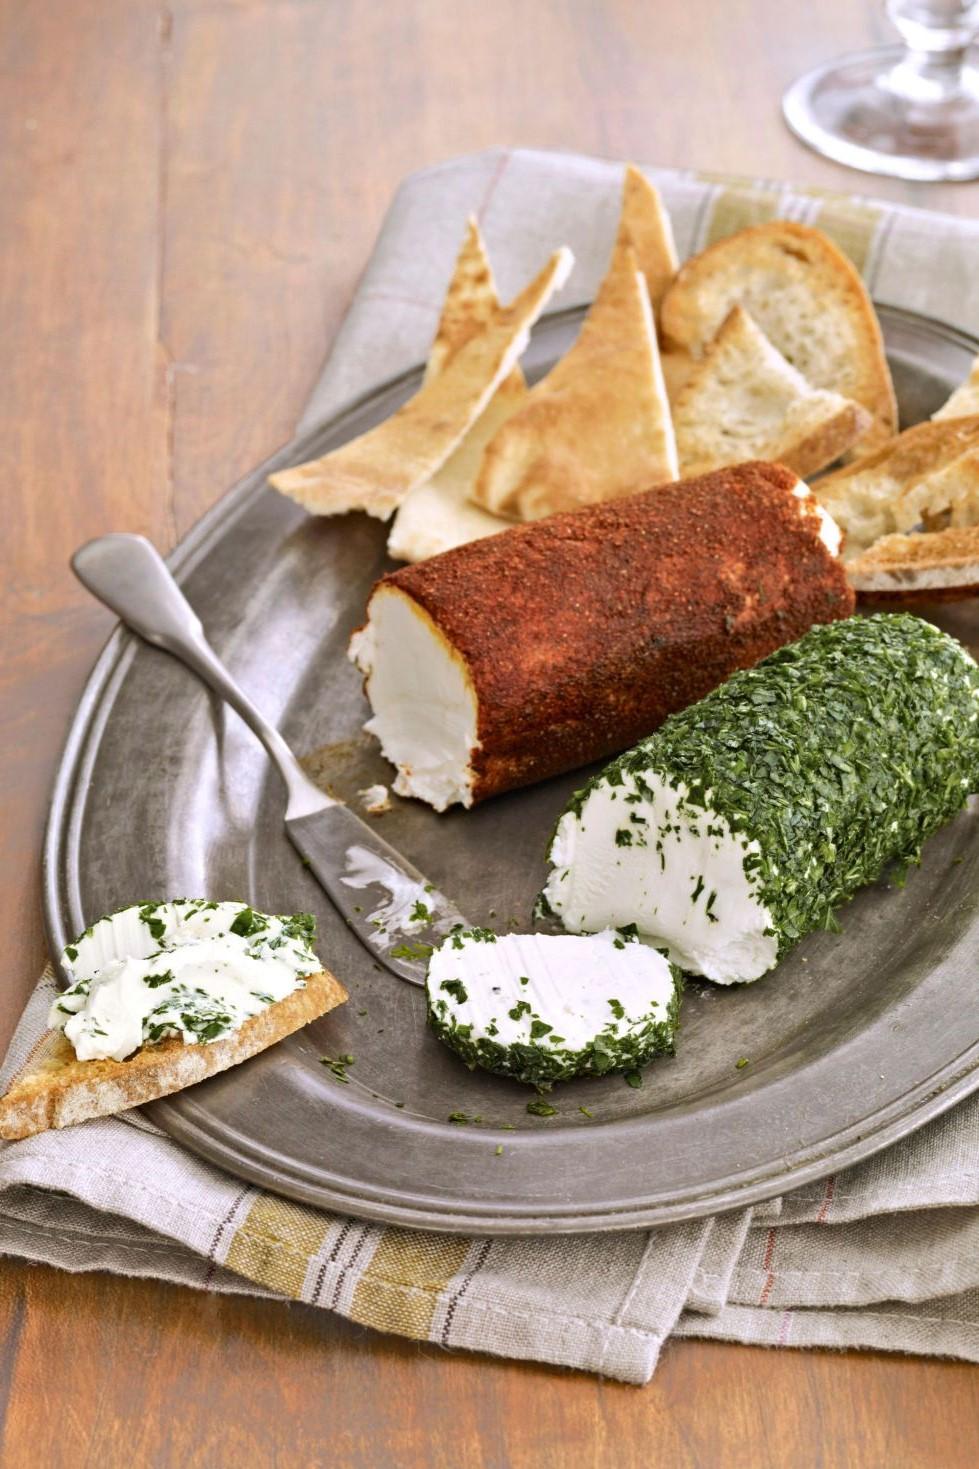 Entrées au fromage à la crème.